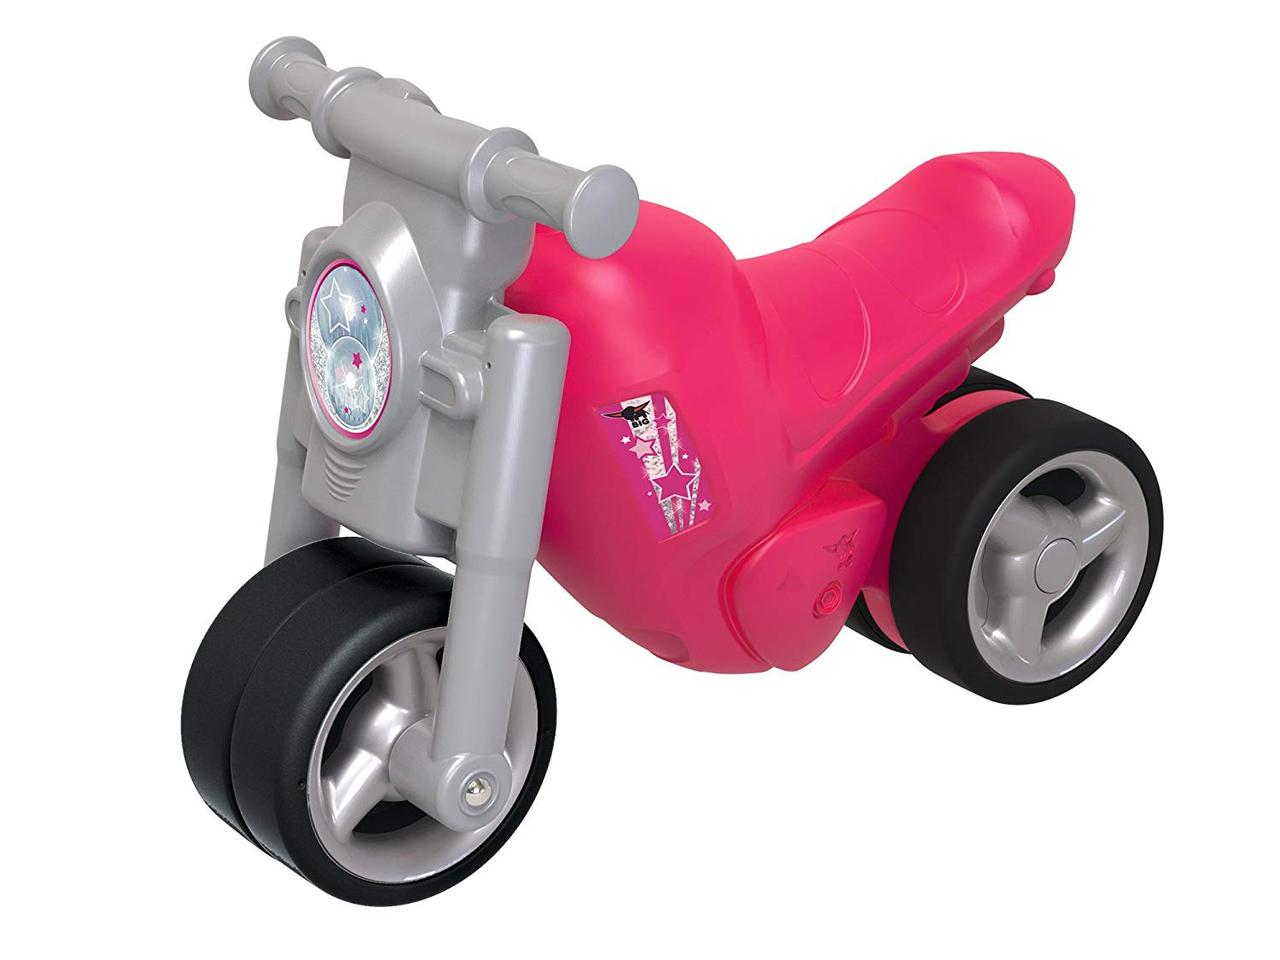 Детский мотоцикл беговел толокар Big велобег Девичий стиль и защитные накладки 56362